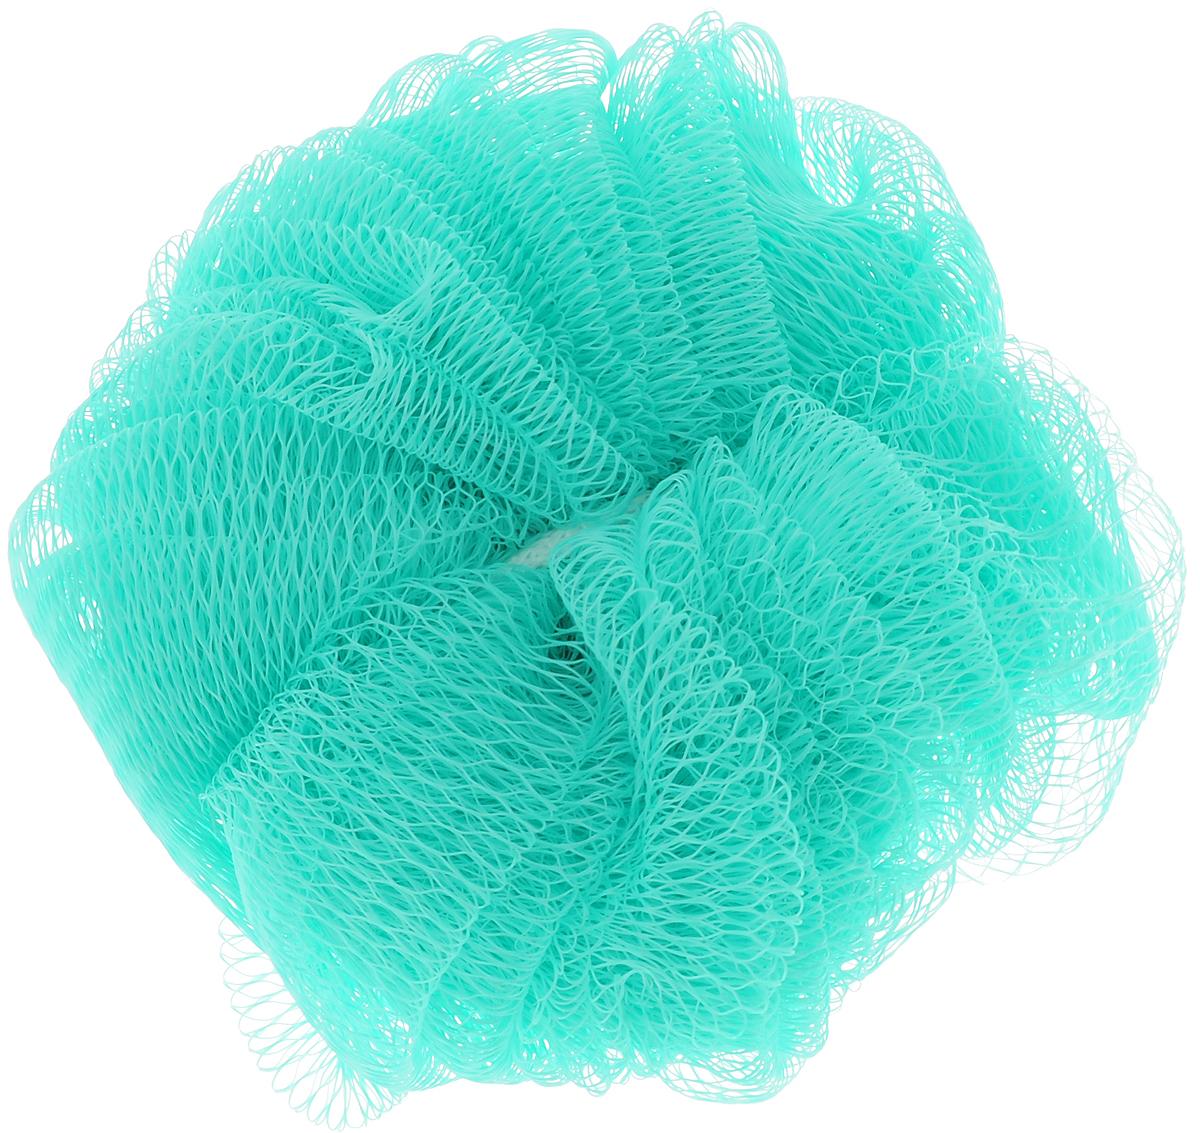 Мочалка Paterra, цвет: зеленый, 14 см408-061_зеленыйПодарит чистоту и блаженство вашей коже! Благодаря своей структуре мочалка-шар обеспечивает отличное пенообразование, тем самым экономя средства для душа, долго прослужит и подойдет для ежедневного использования.